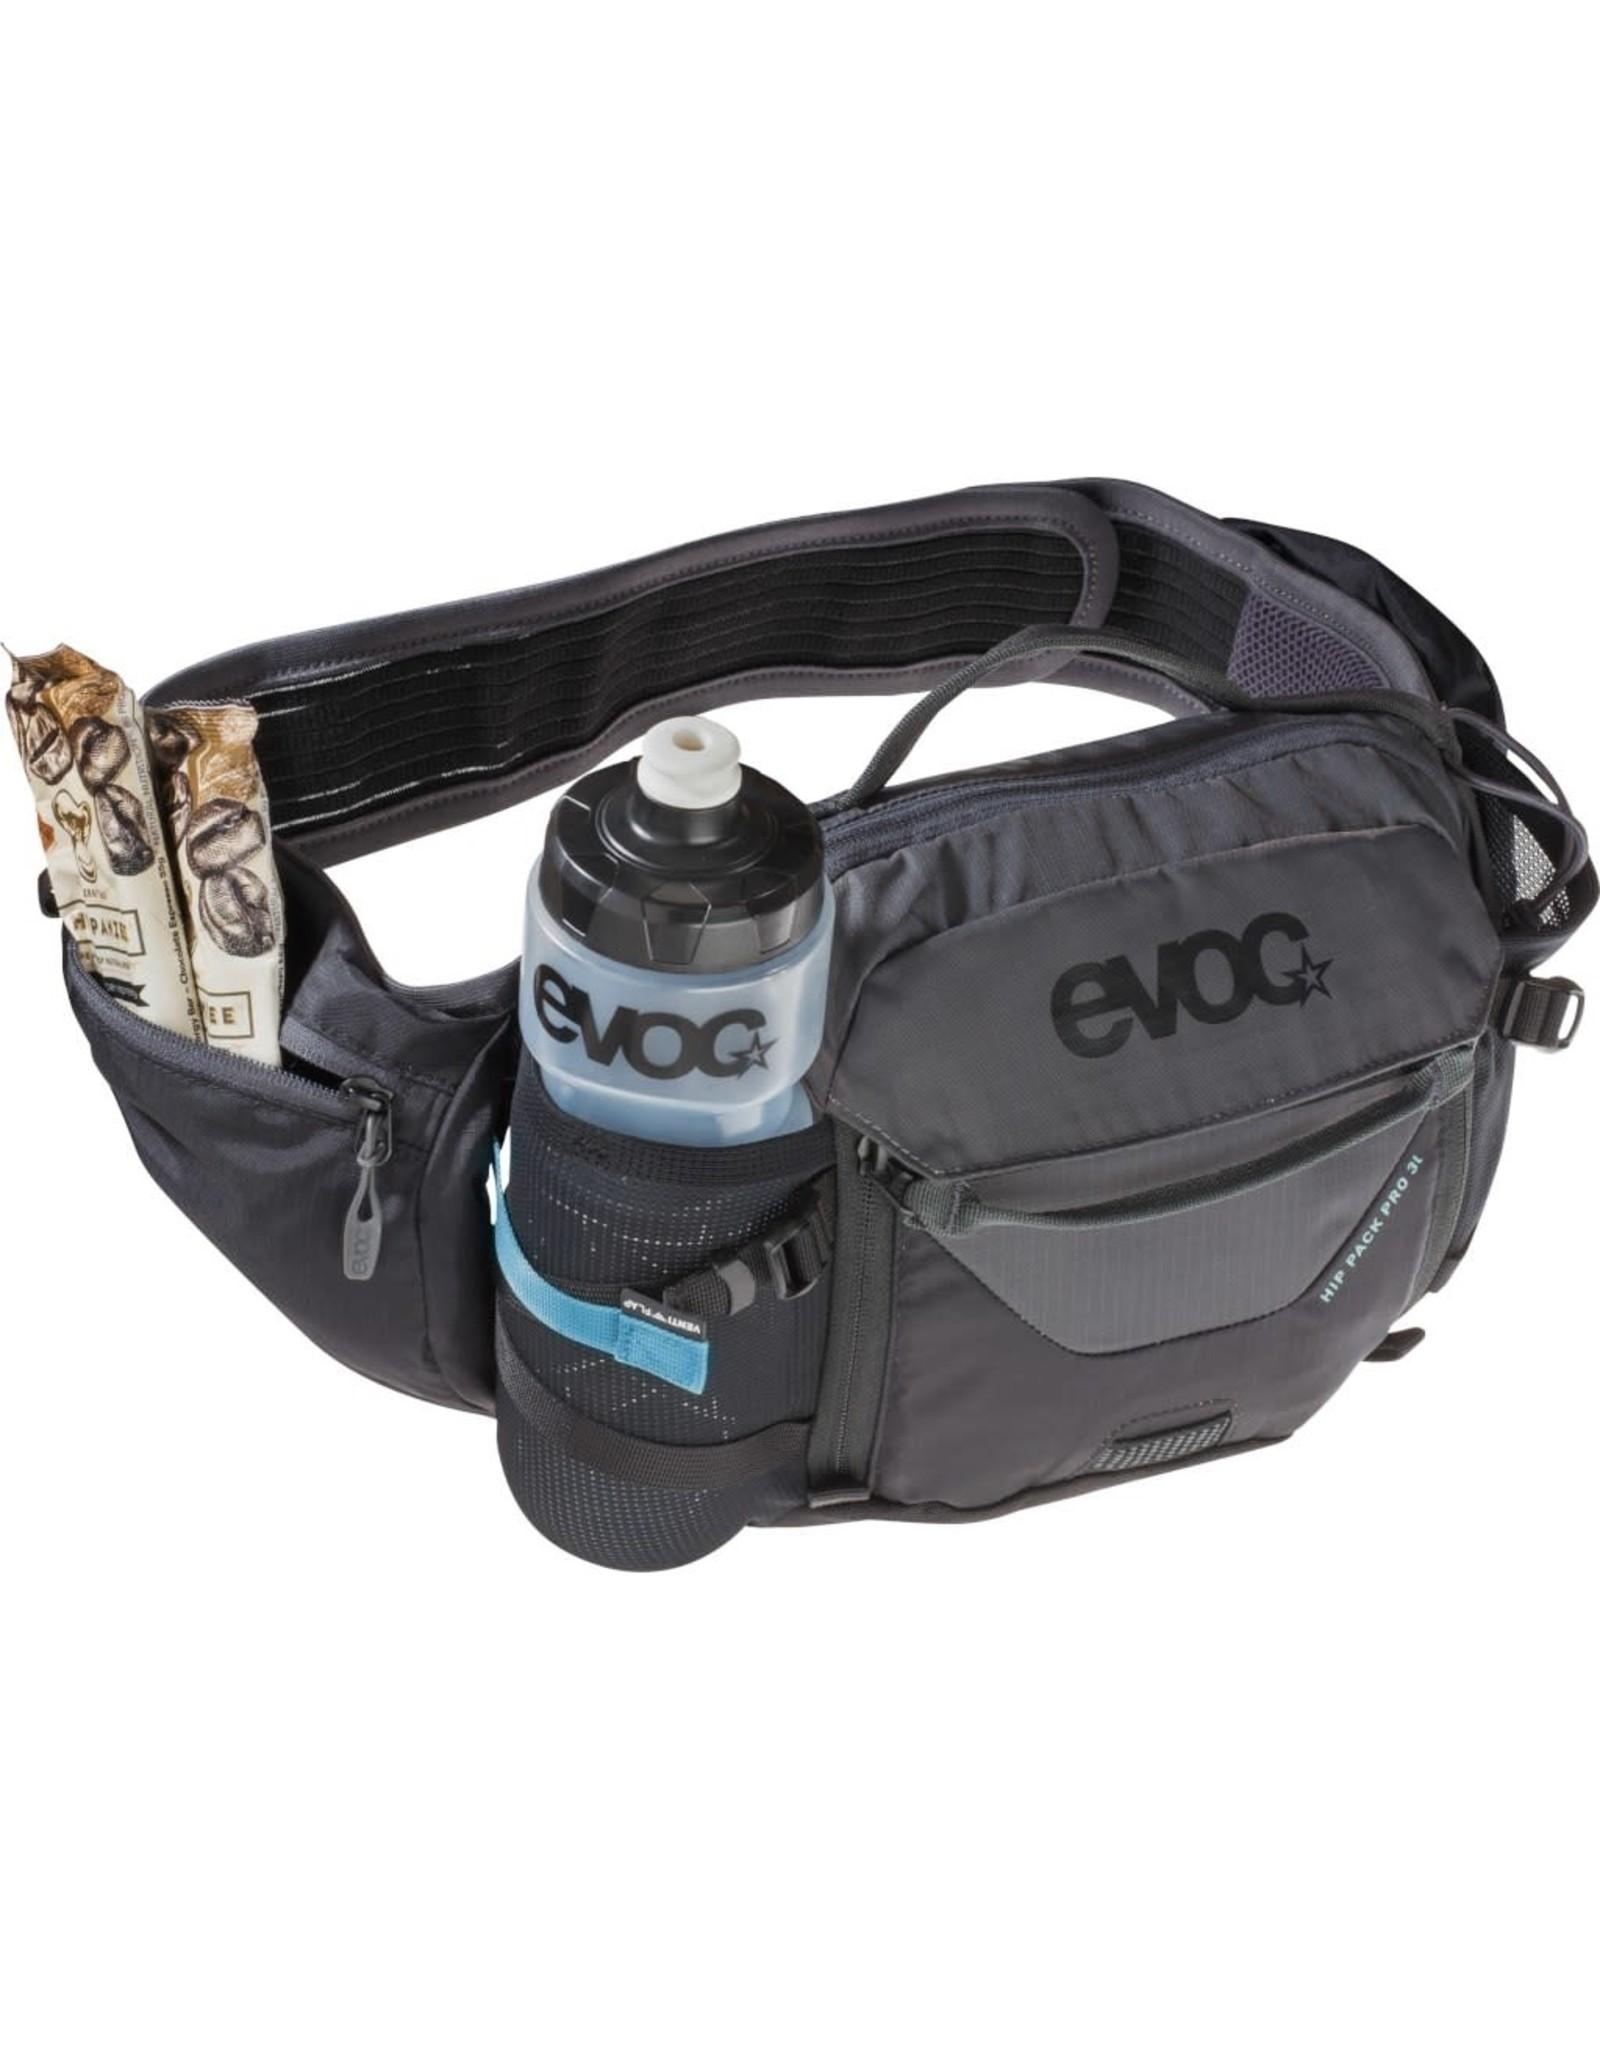 EVOC Sac d'hydratation, EVOC, Hip Pack Pro,  Volume: 3L, Reservoir inclus: 1.5L, Noir/Gris carbone